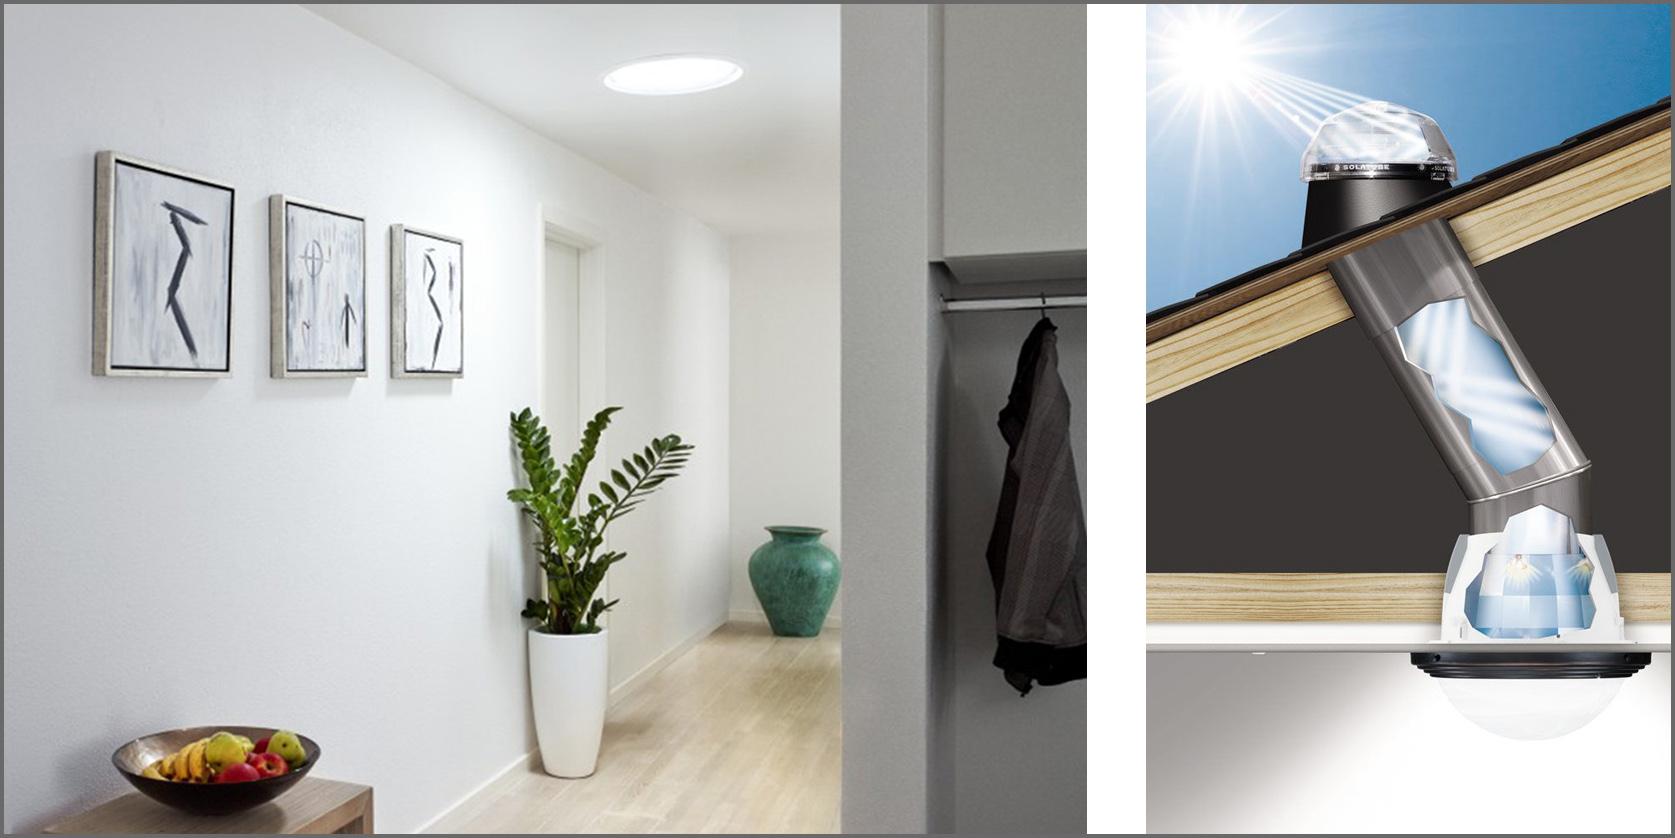 Tunnel Solare A Parete soluzioni per illuminare una stanza buia-parte i